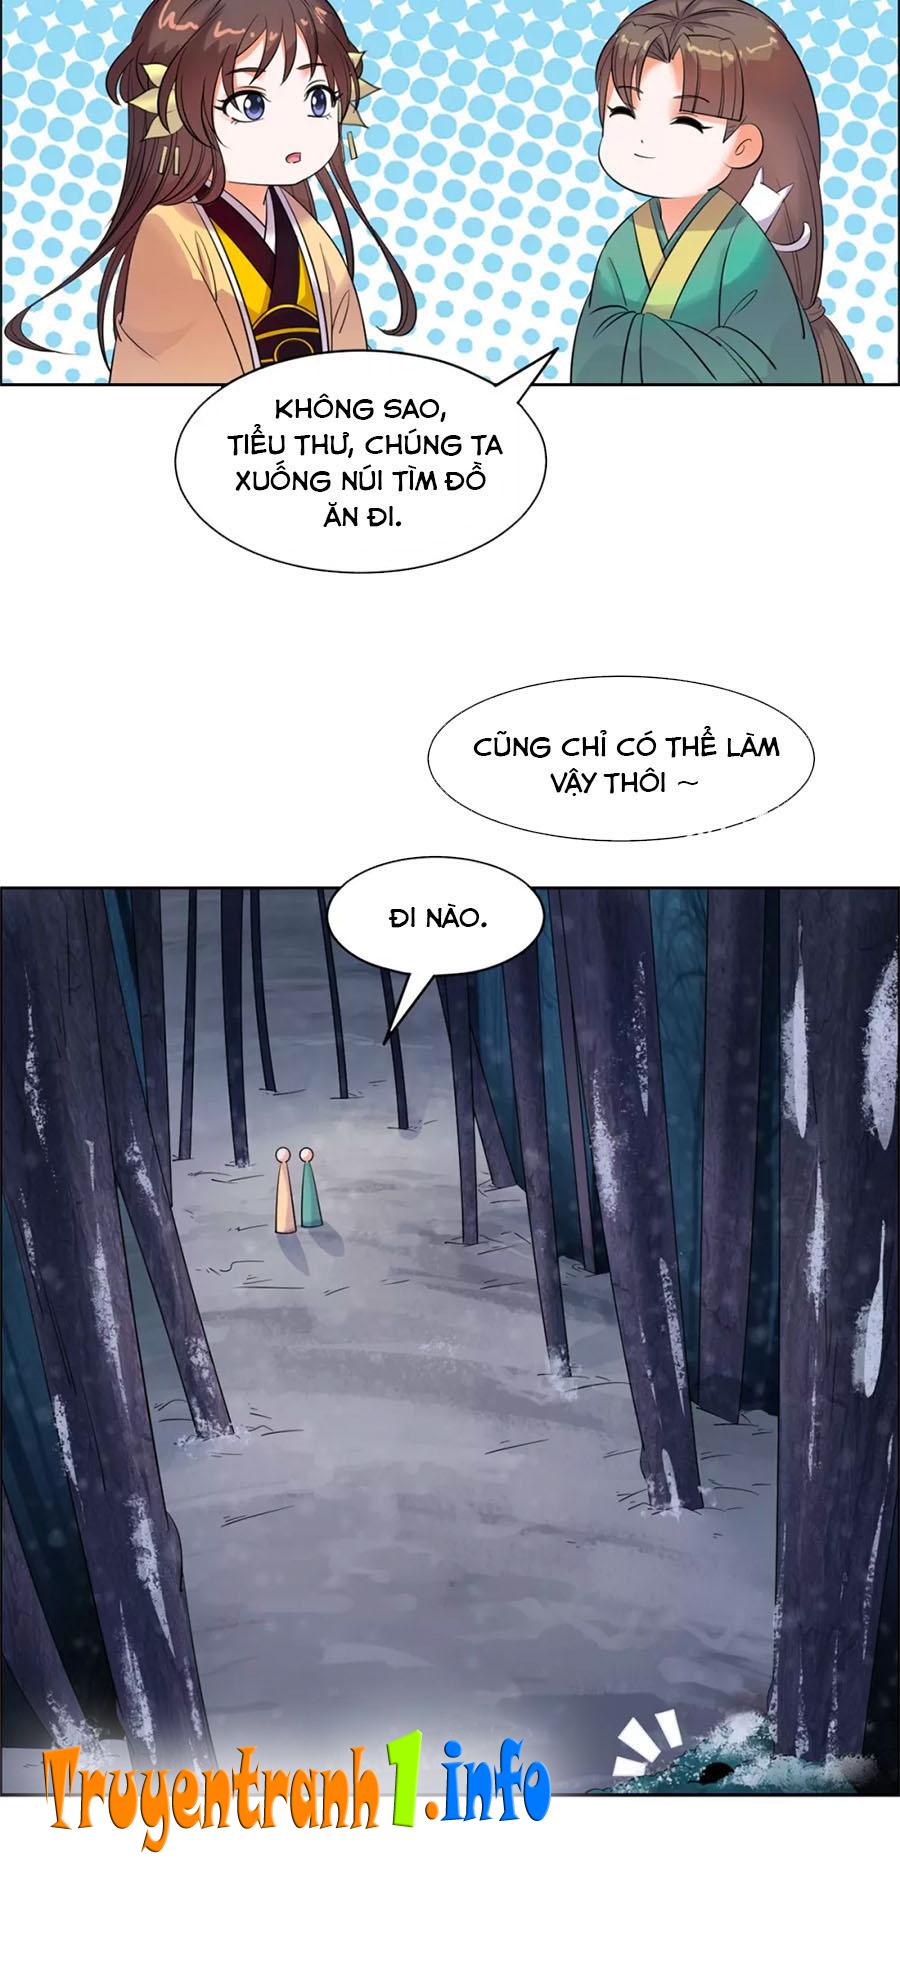 Vương Gia Là Đầu Đại Lão Hổ chap 91 - Trang 18